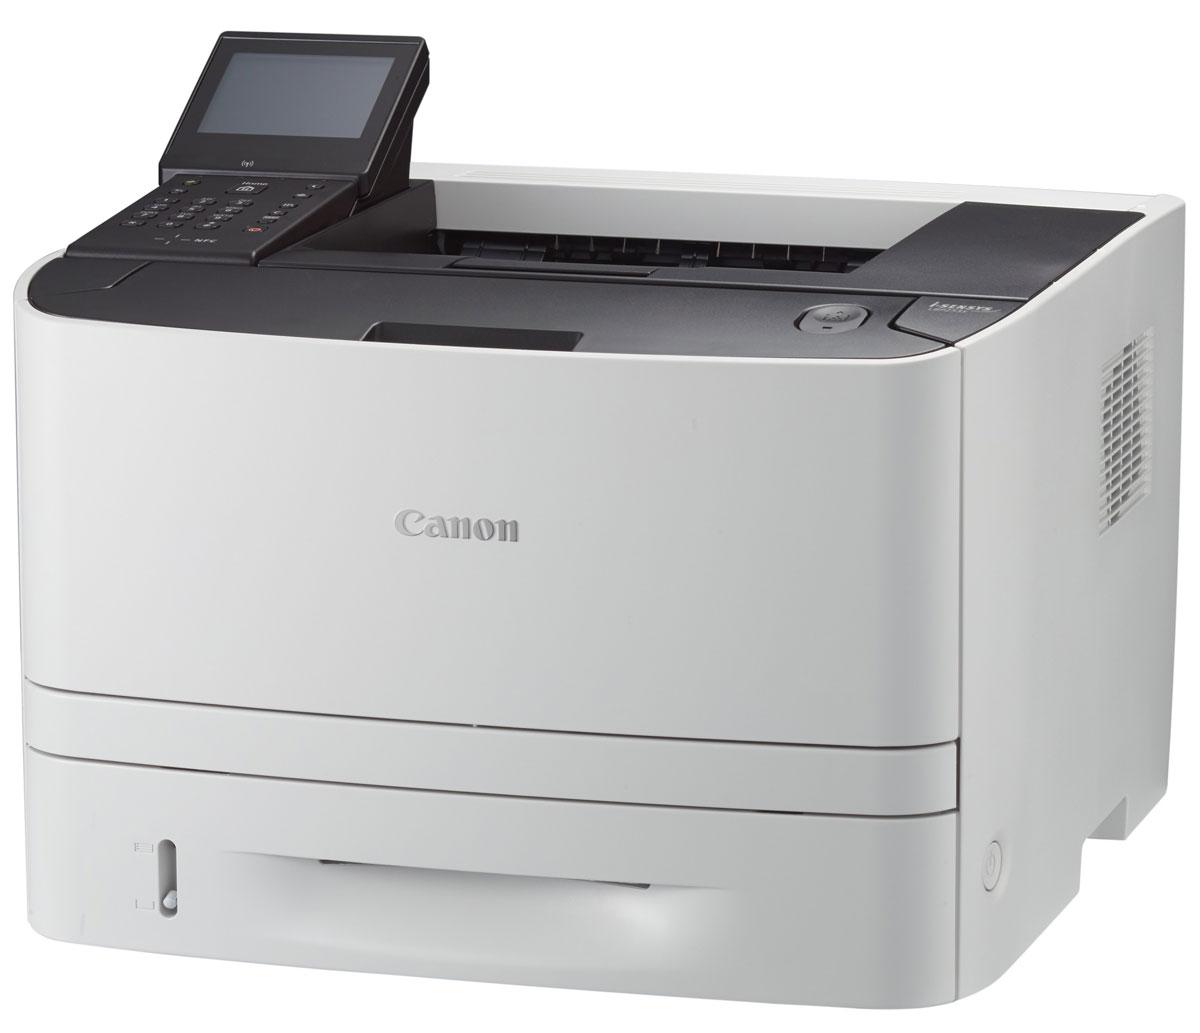 Canon i-Sensys LBP253x (0281C001) принтер лазерный0281C001Canon i-Sensys LBP253x - быстрый, компактный черно-белый лазерный принтер формата A4 отличается простотой и соотношением цены и качества. Он оснащен сенсорным ЖК-экраном, функцией NFC и множеством гибких возможностей подключения. Небольшие команды смогут быстро и легко печатать документы высокого качества с помощью этого превосходно оборудованного черно-белого лазерного принтера формата A4. Компактный размер и элегантный внешний вид принтера Canon i-Sensys LBP253x идеально подходят для помещений, где ведется работа с клиентами или для рабочих сред с большими объемами работы. Можно выполнять ежедневные задачи быстрее за счет высокой скорости печати 33 стр/мин и возможности начать печать после бездействия или режима ожидания всего за несколько секунд. Вы достигнете превосходных результатов без какой-либо подготовки, благодаря интуитивно понятному 8,9-см сенсорному экрану принтера LBP253x. Он позволяет получать доступ к интеллектуальным, экономящим...